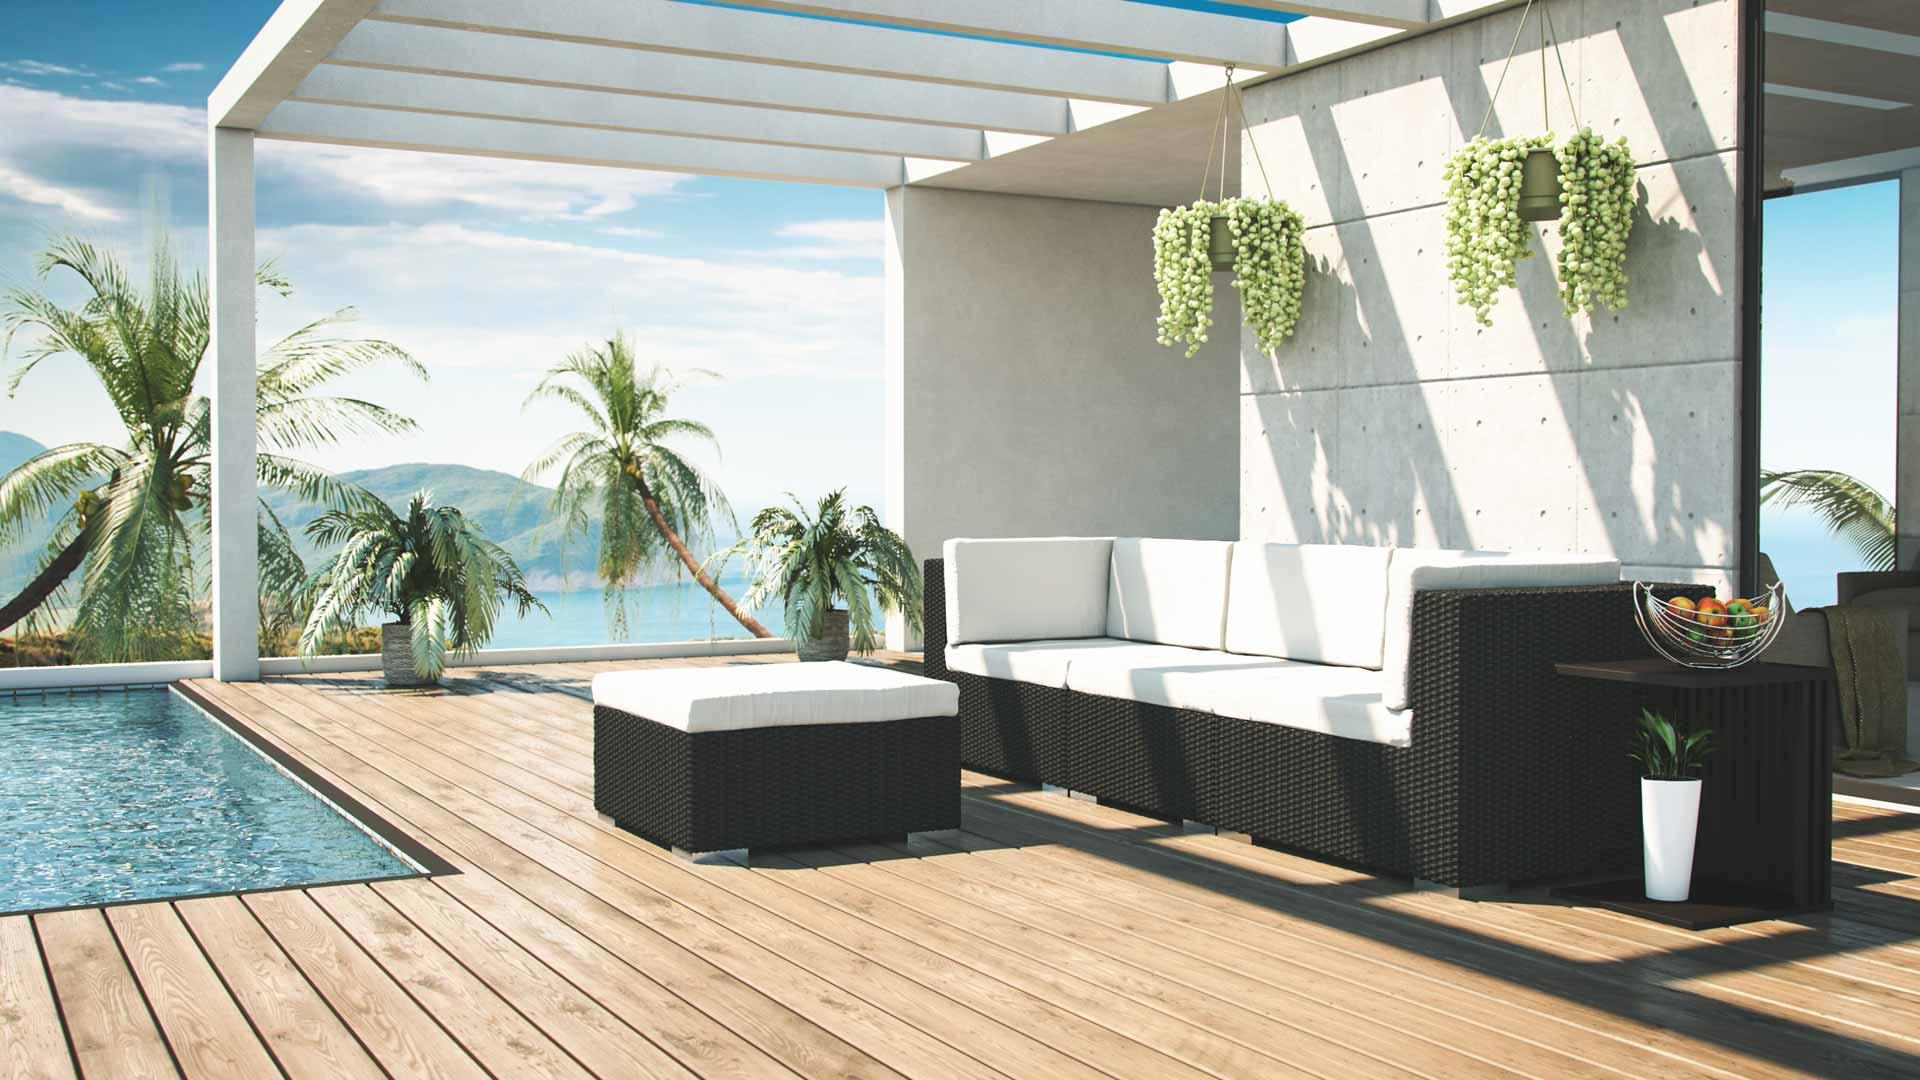 artelia gartenm bel set im lounge design g nstig im. Black Bedroom Furniture Sets. Home Design Ideas